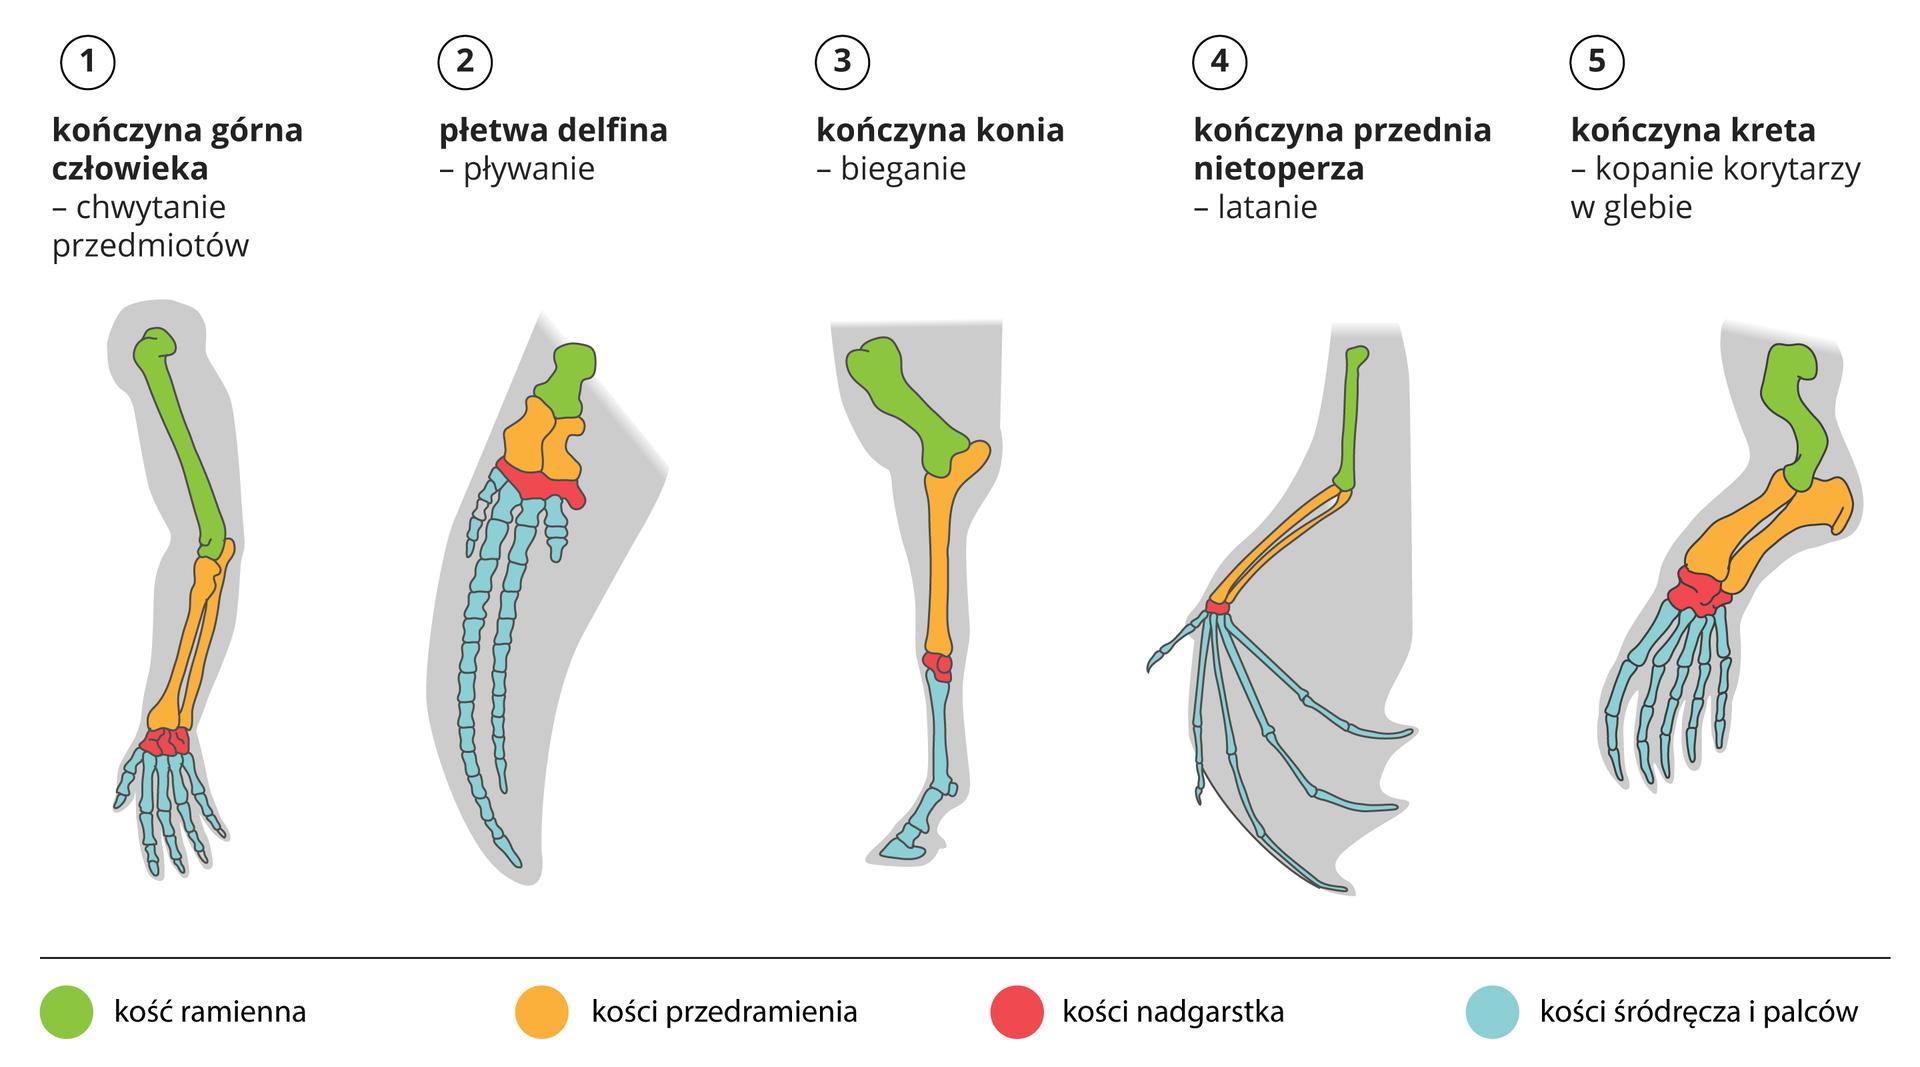 Ilustracja przedstawia schematyczne rysunki narządów owspólnym pochodzeniu, pełniących różne funkcje. Są to kończyny przednie, przedstawione jako szare sylwetki. Wnich znajdują się kości wróżnych kolorach. Kość ramienna jest zielona, kości przedramienia żółte, kości nadgarstka czerwone akości śródręcza ipalców niebieskie. Uczłowieka ręka służy do chwytania przedmiotów; udelina płetwa do pływania; ukonia do biegania. Kończyna przednia nietoperza służy do latania, akreta – do kopania.